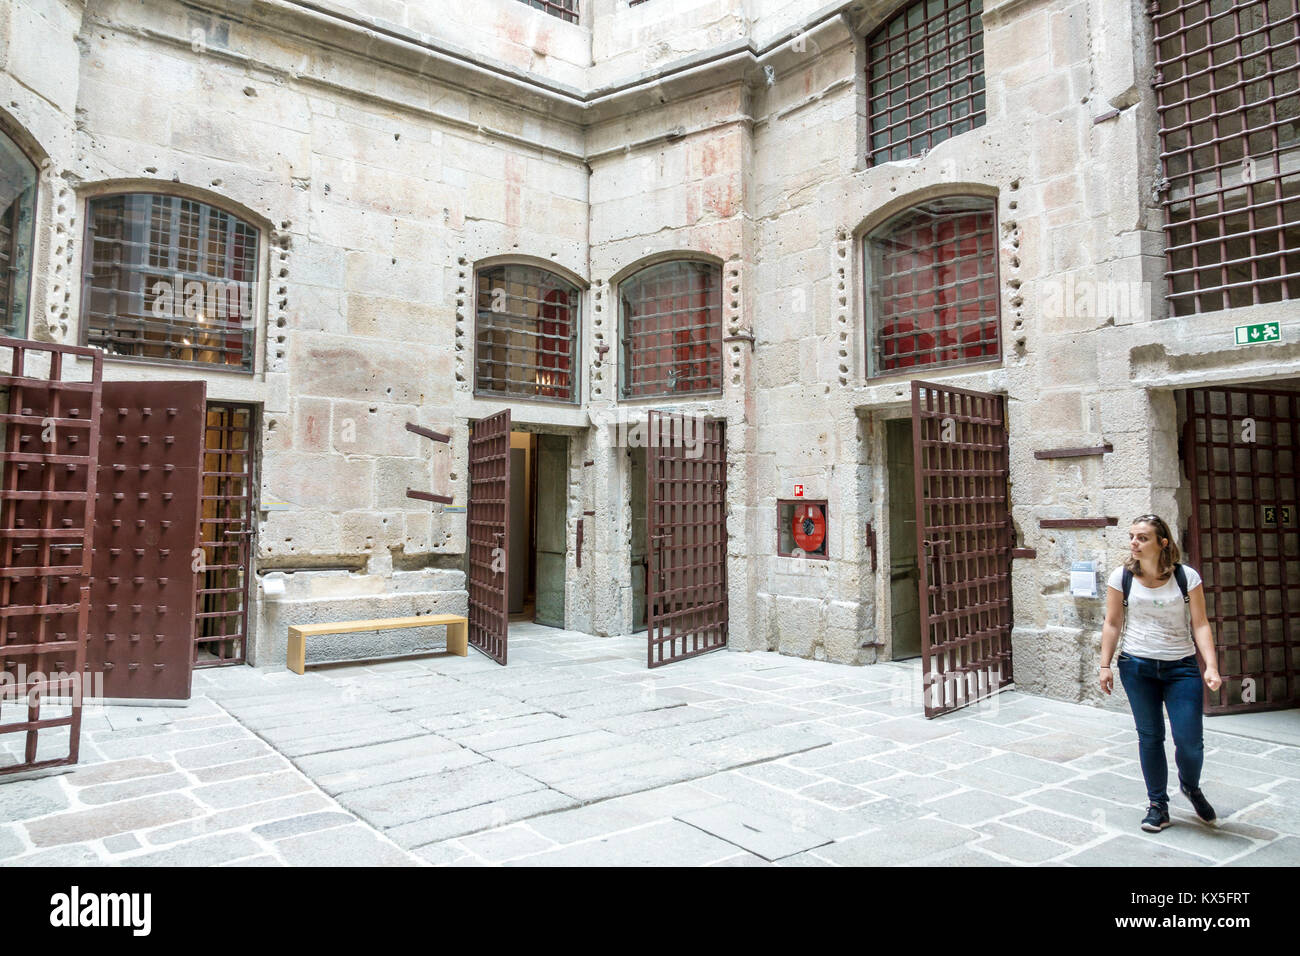 Porto Portugal historical center Centro Portugues de Fotografia Portuguese Photography Center museum old city prison - Stock Image